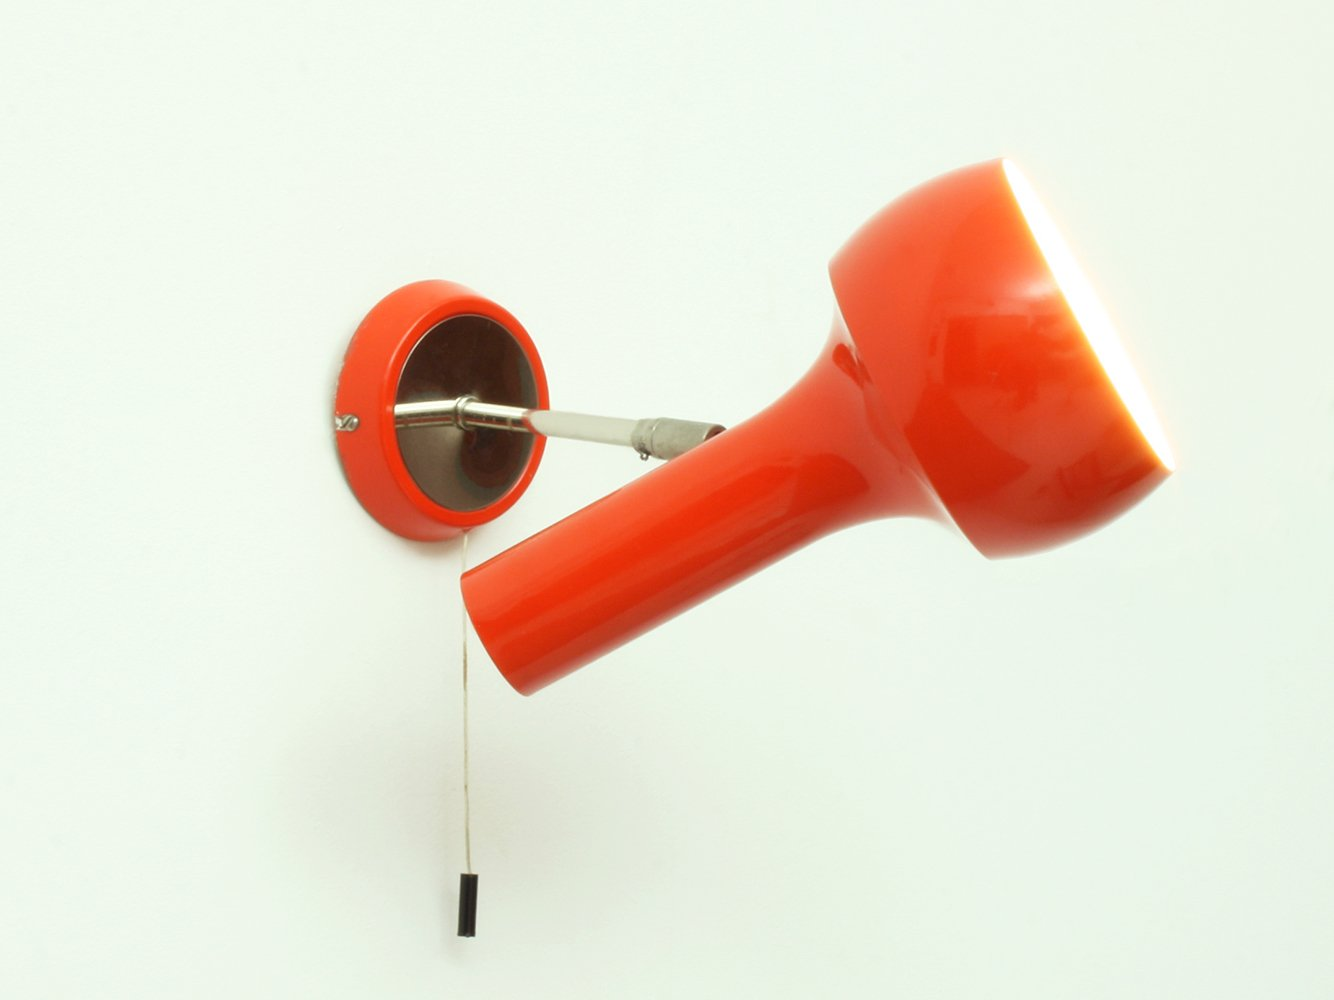 schweizer rot orange wand oder deckenlampe von lad team. Black Bedroom Furniture Sets. Home Design Ideas